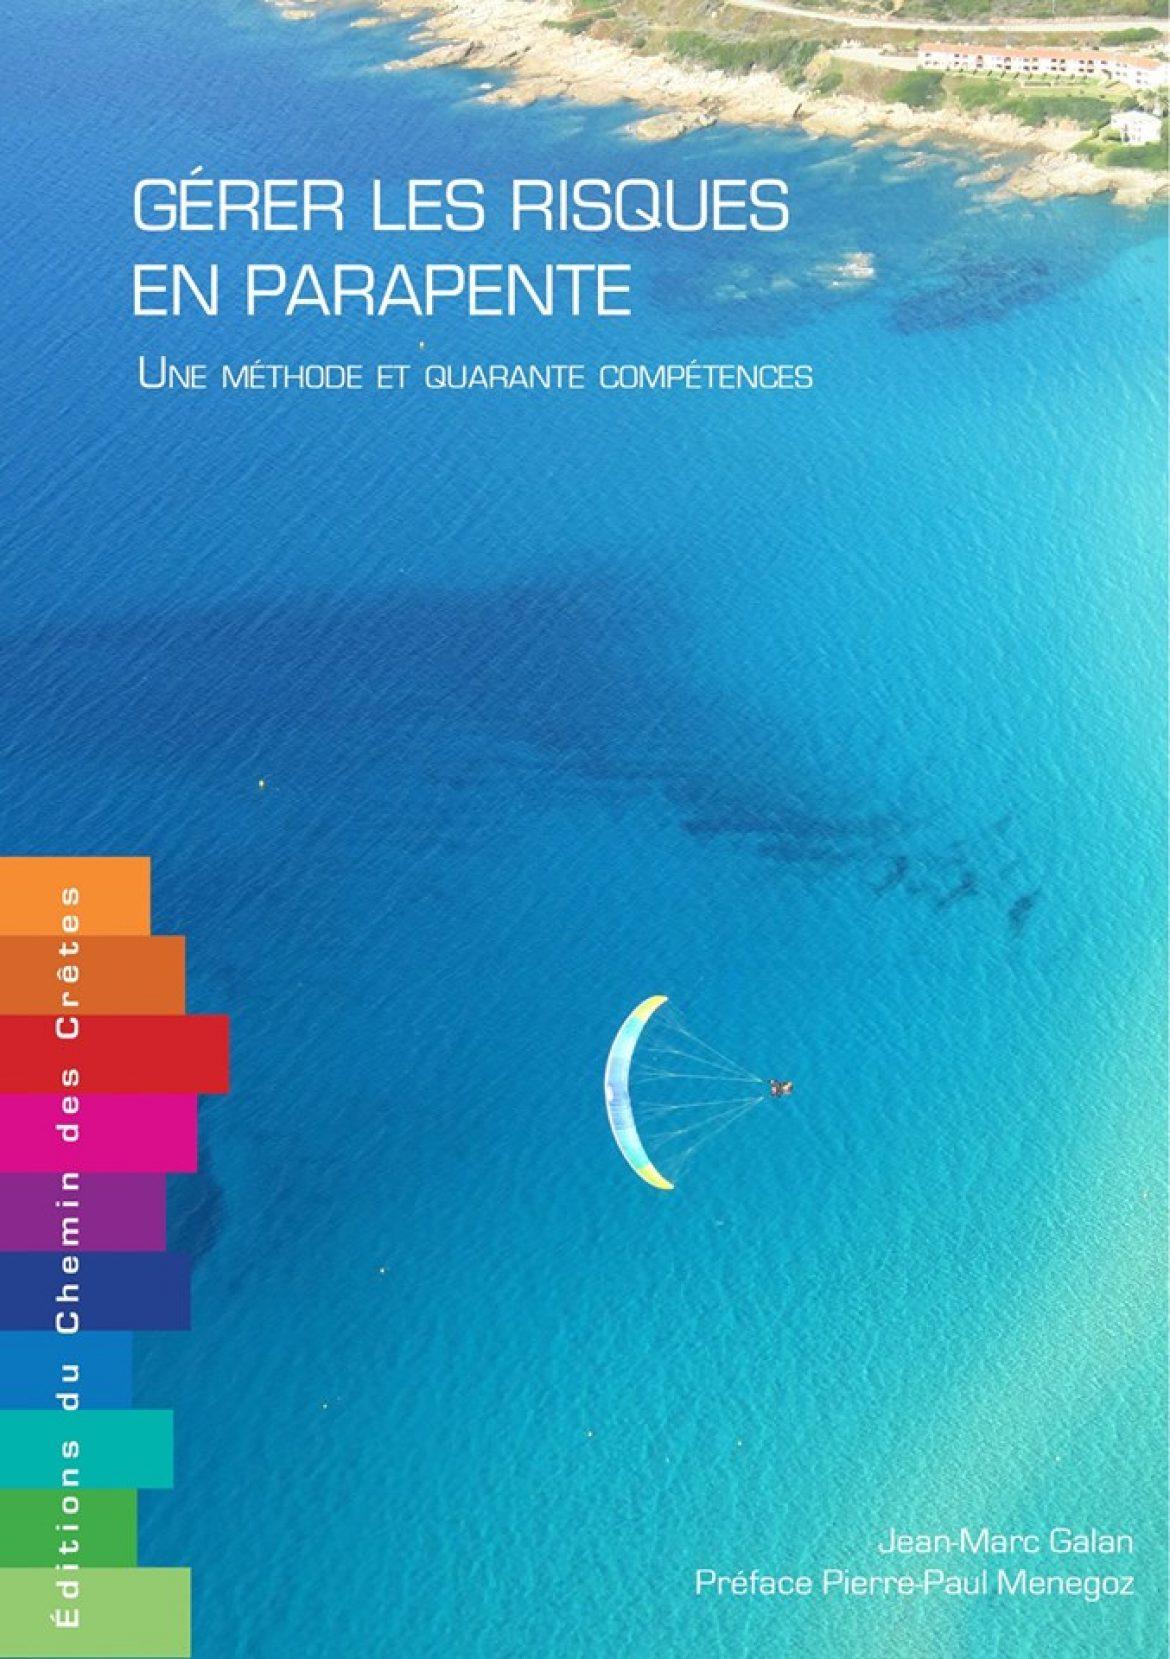 « Gérer les risques en parapente », le livre tant attendu des pilotes du vol libre